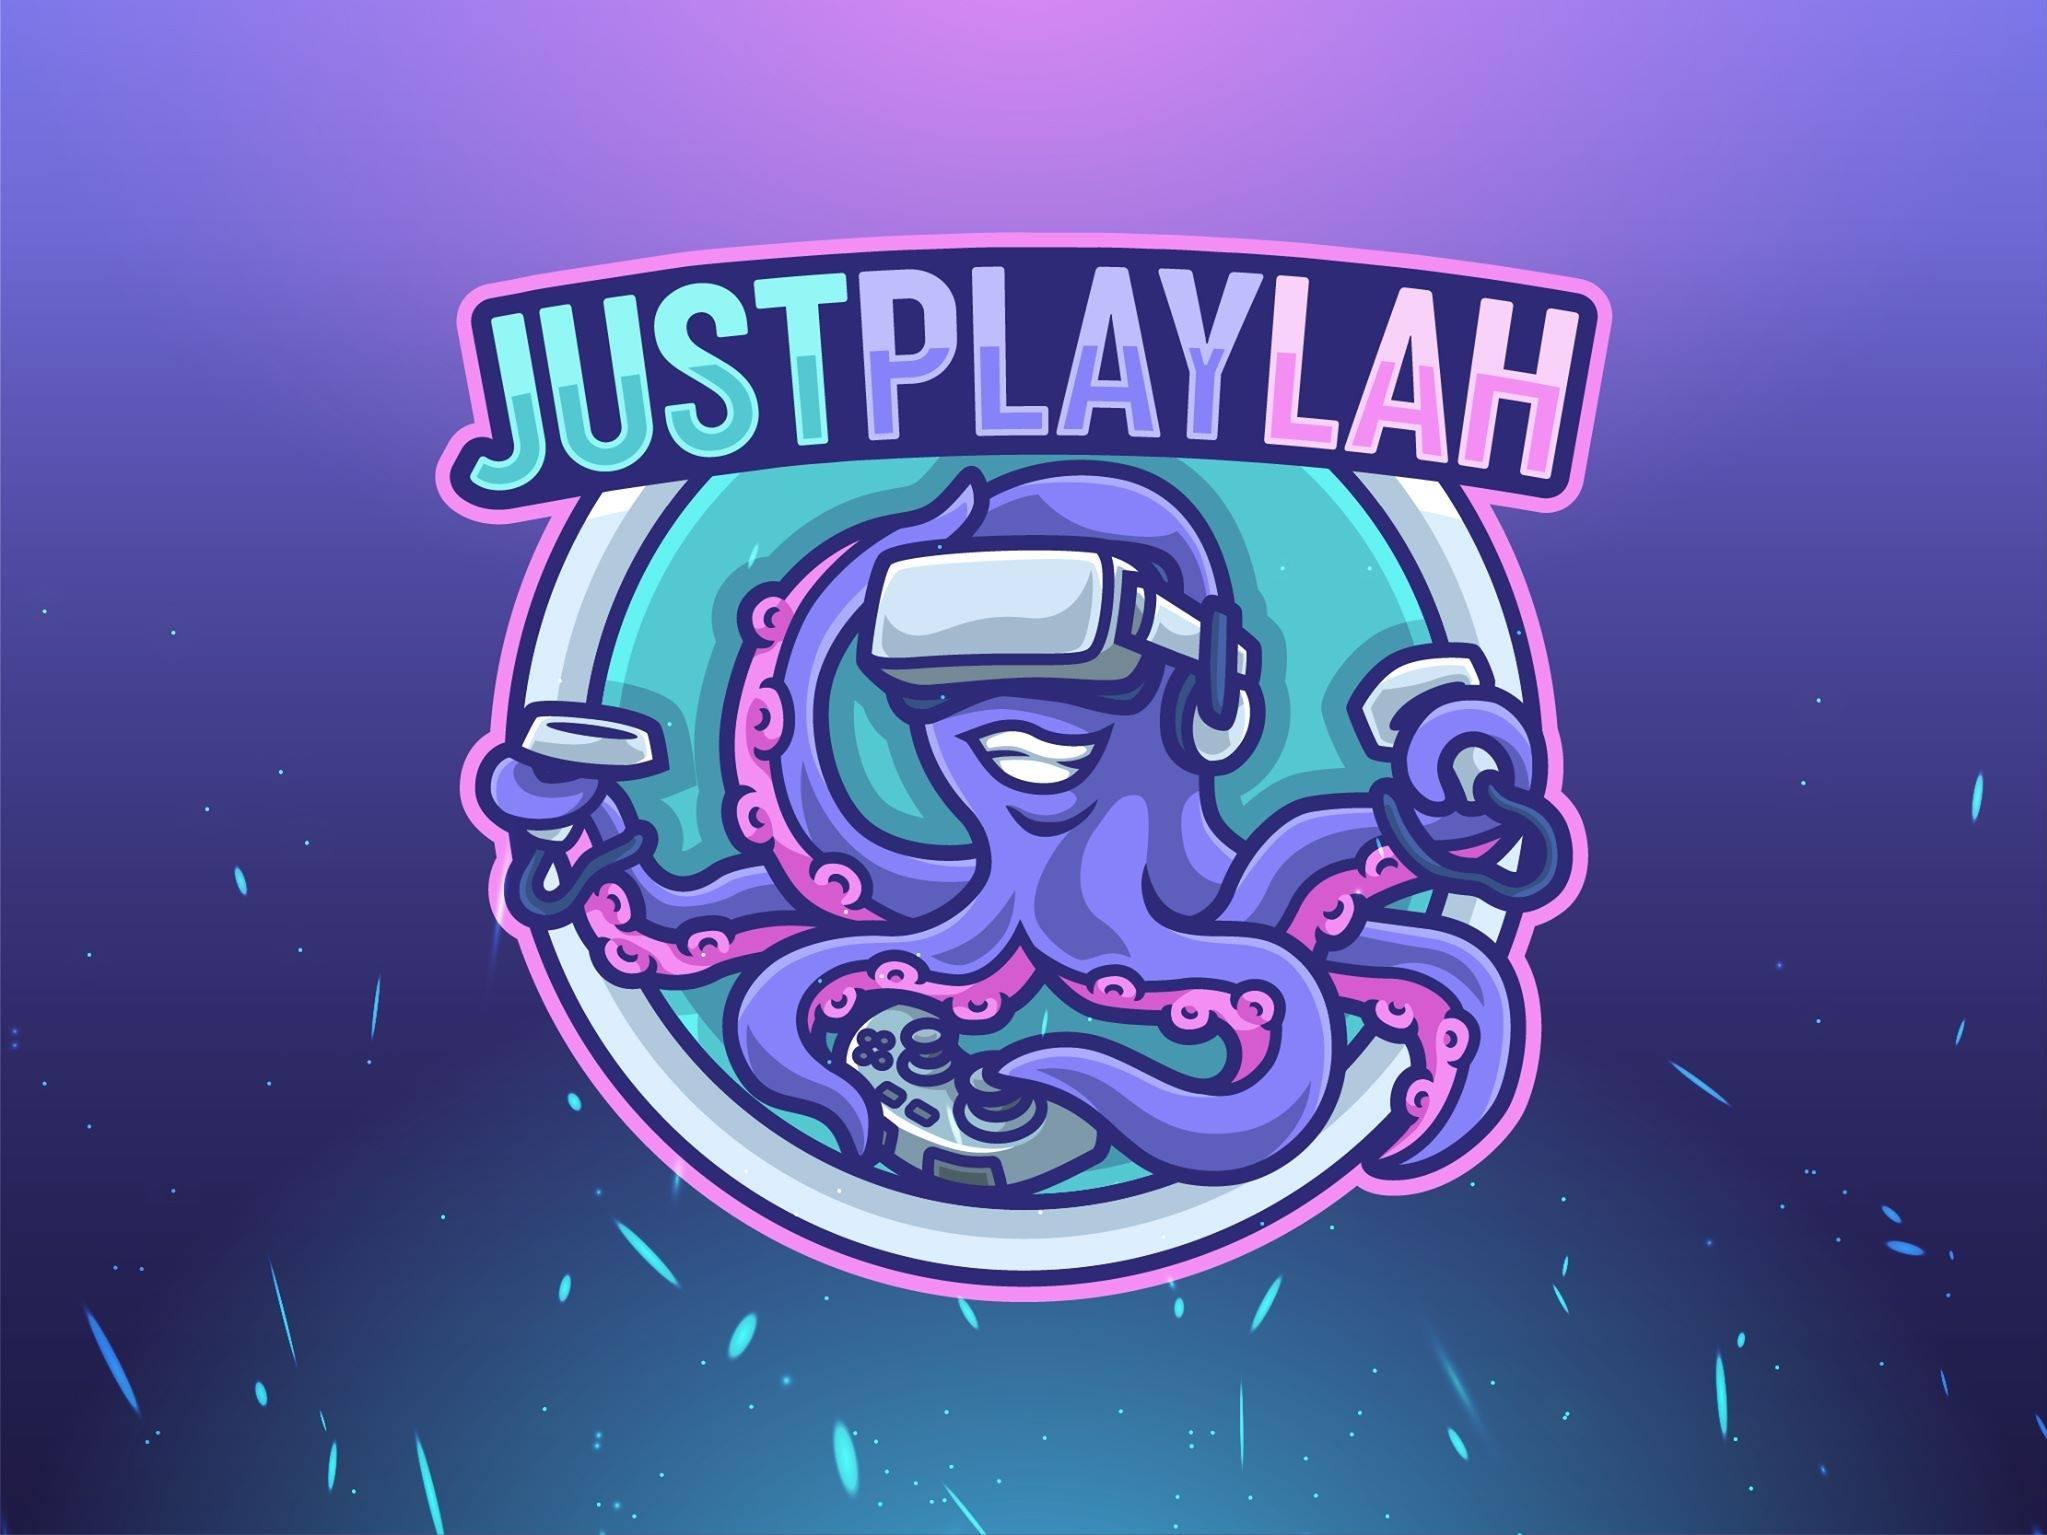 JustPlayLah Logo